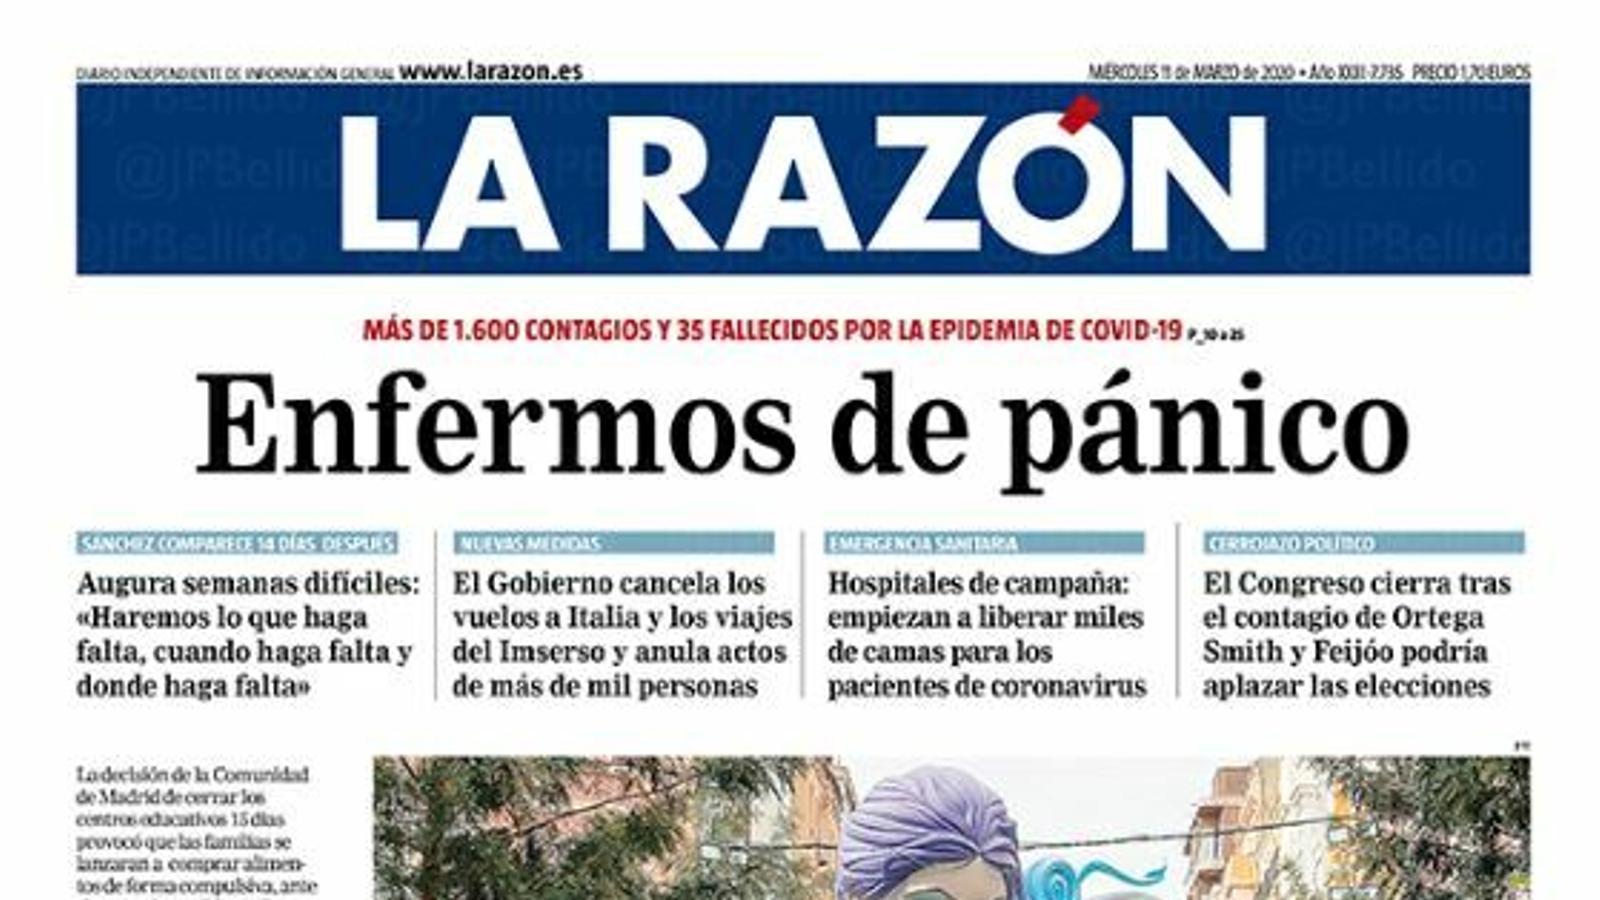 Portada de La Razón, 11 de març del 2020